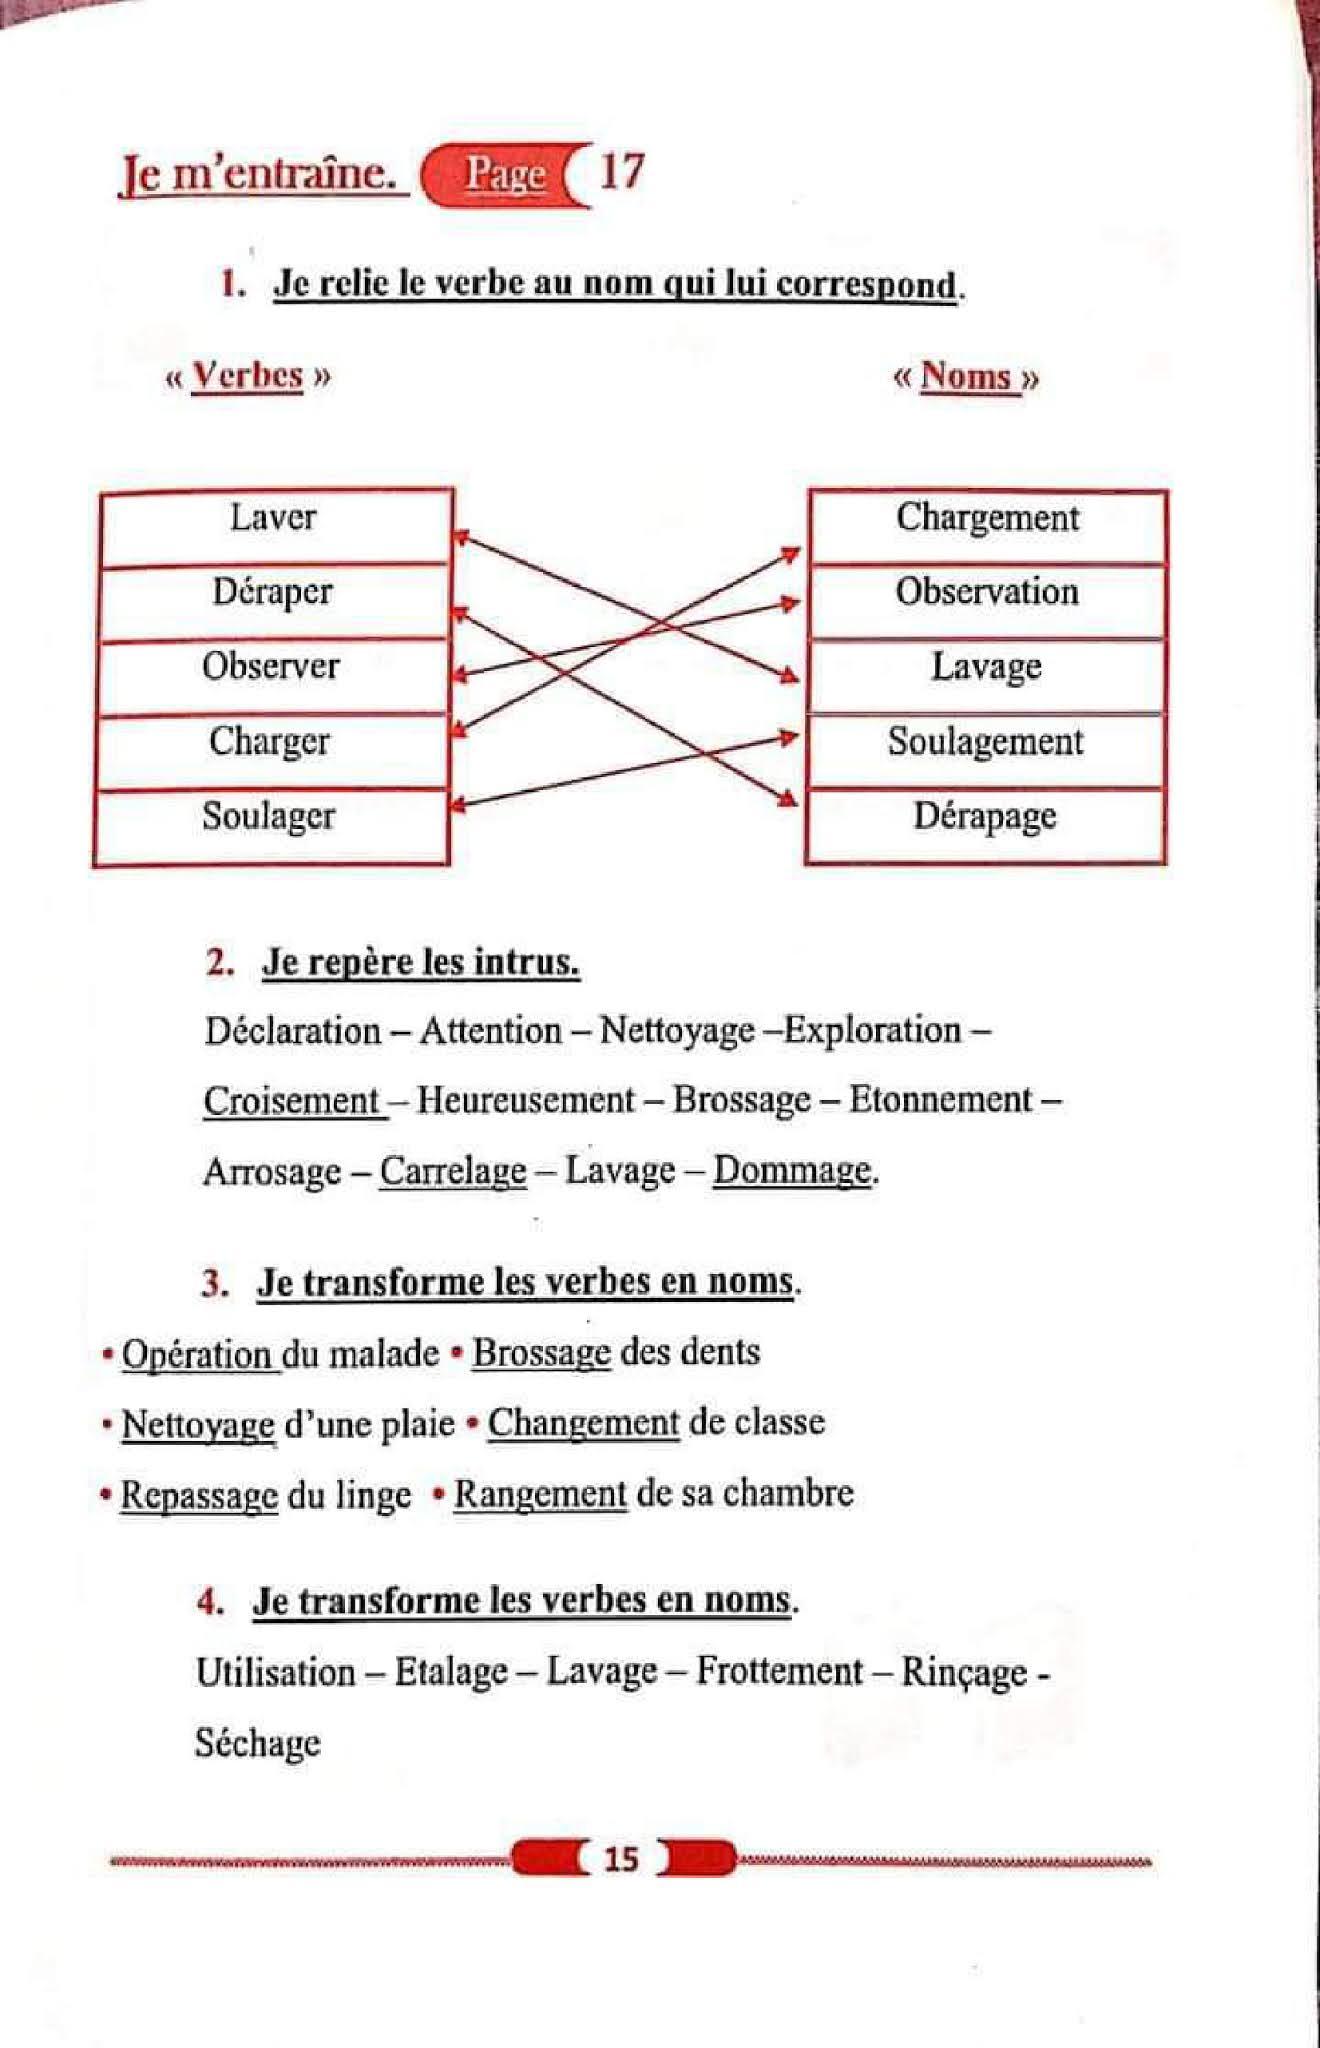 حل تمارين صفحة 17 الفرنسية 1 متوسط الجيل الثاني